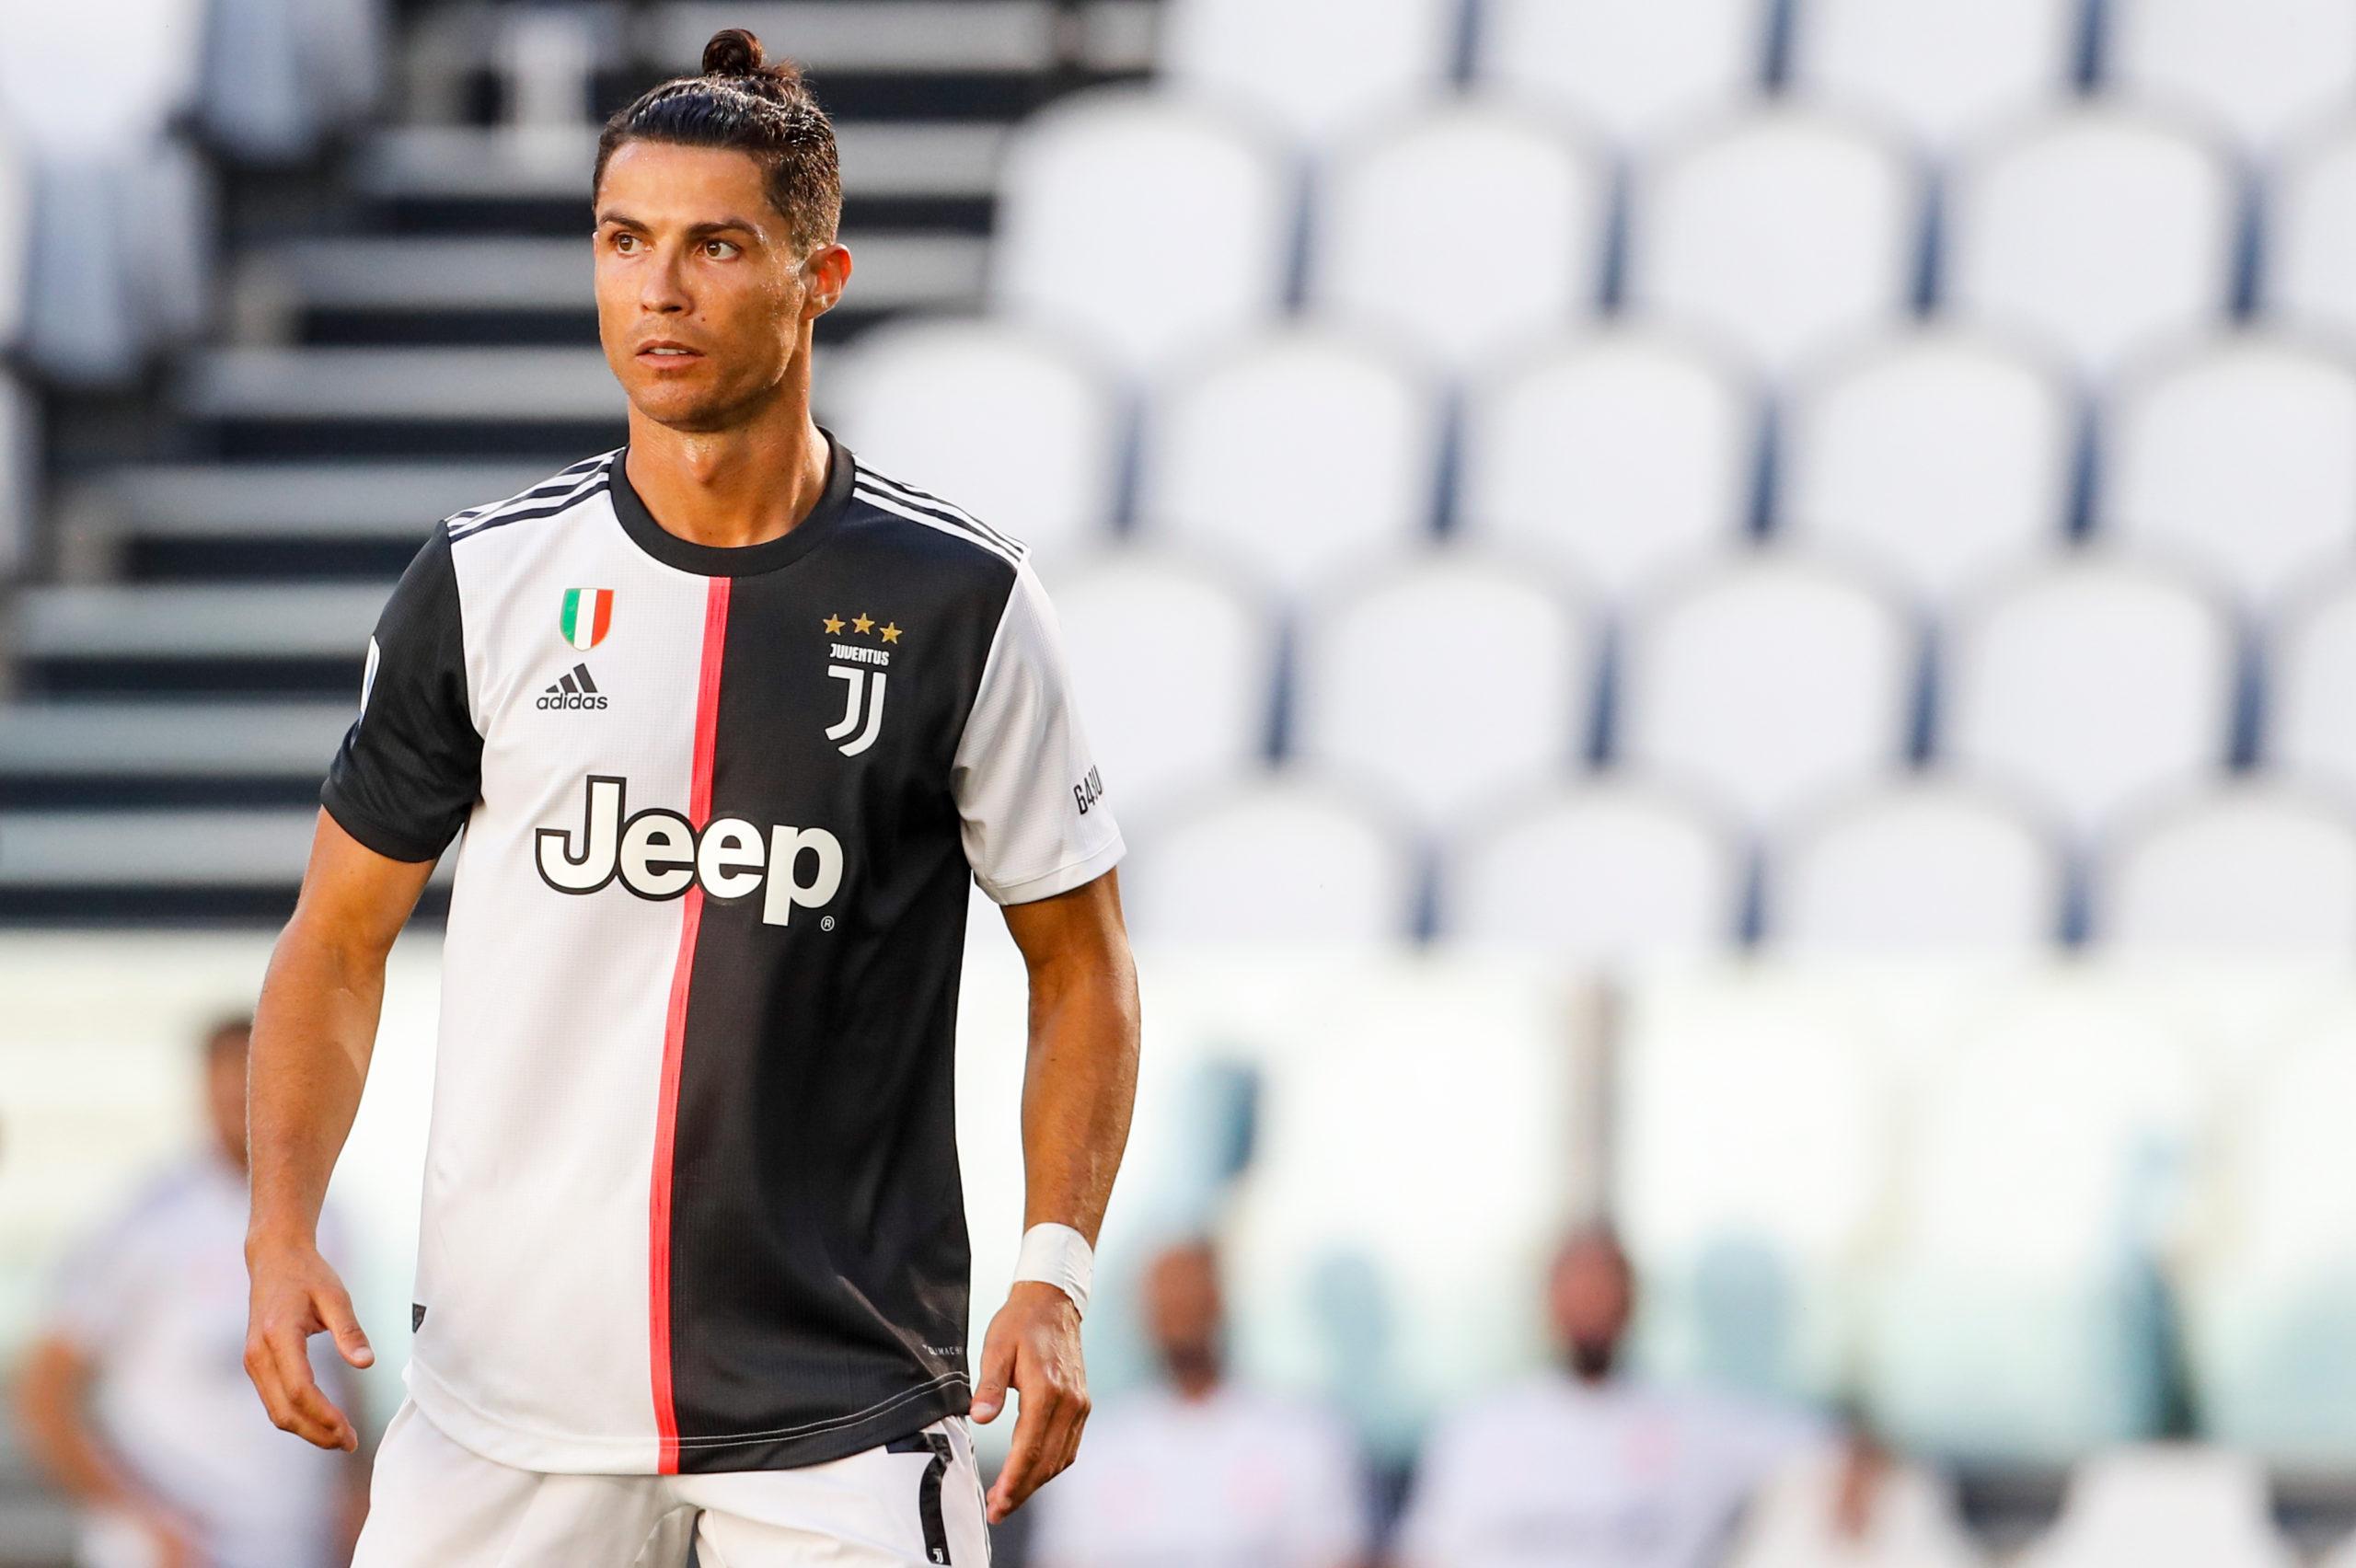 VIDEO: Cristiano Ronaldo rechazó esta famosa bebida en una conferencia